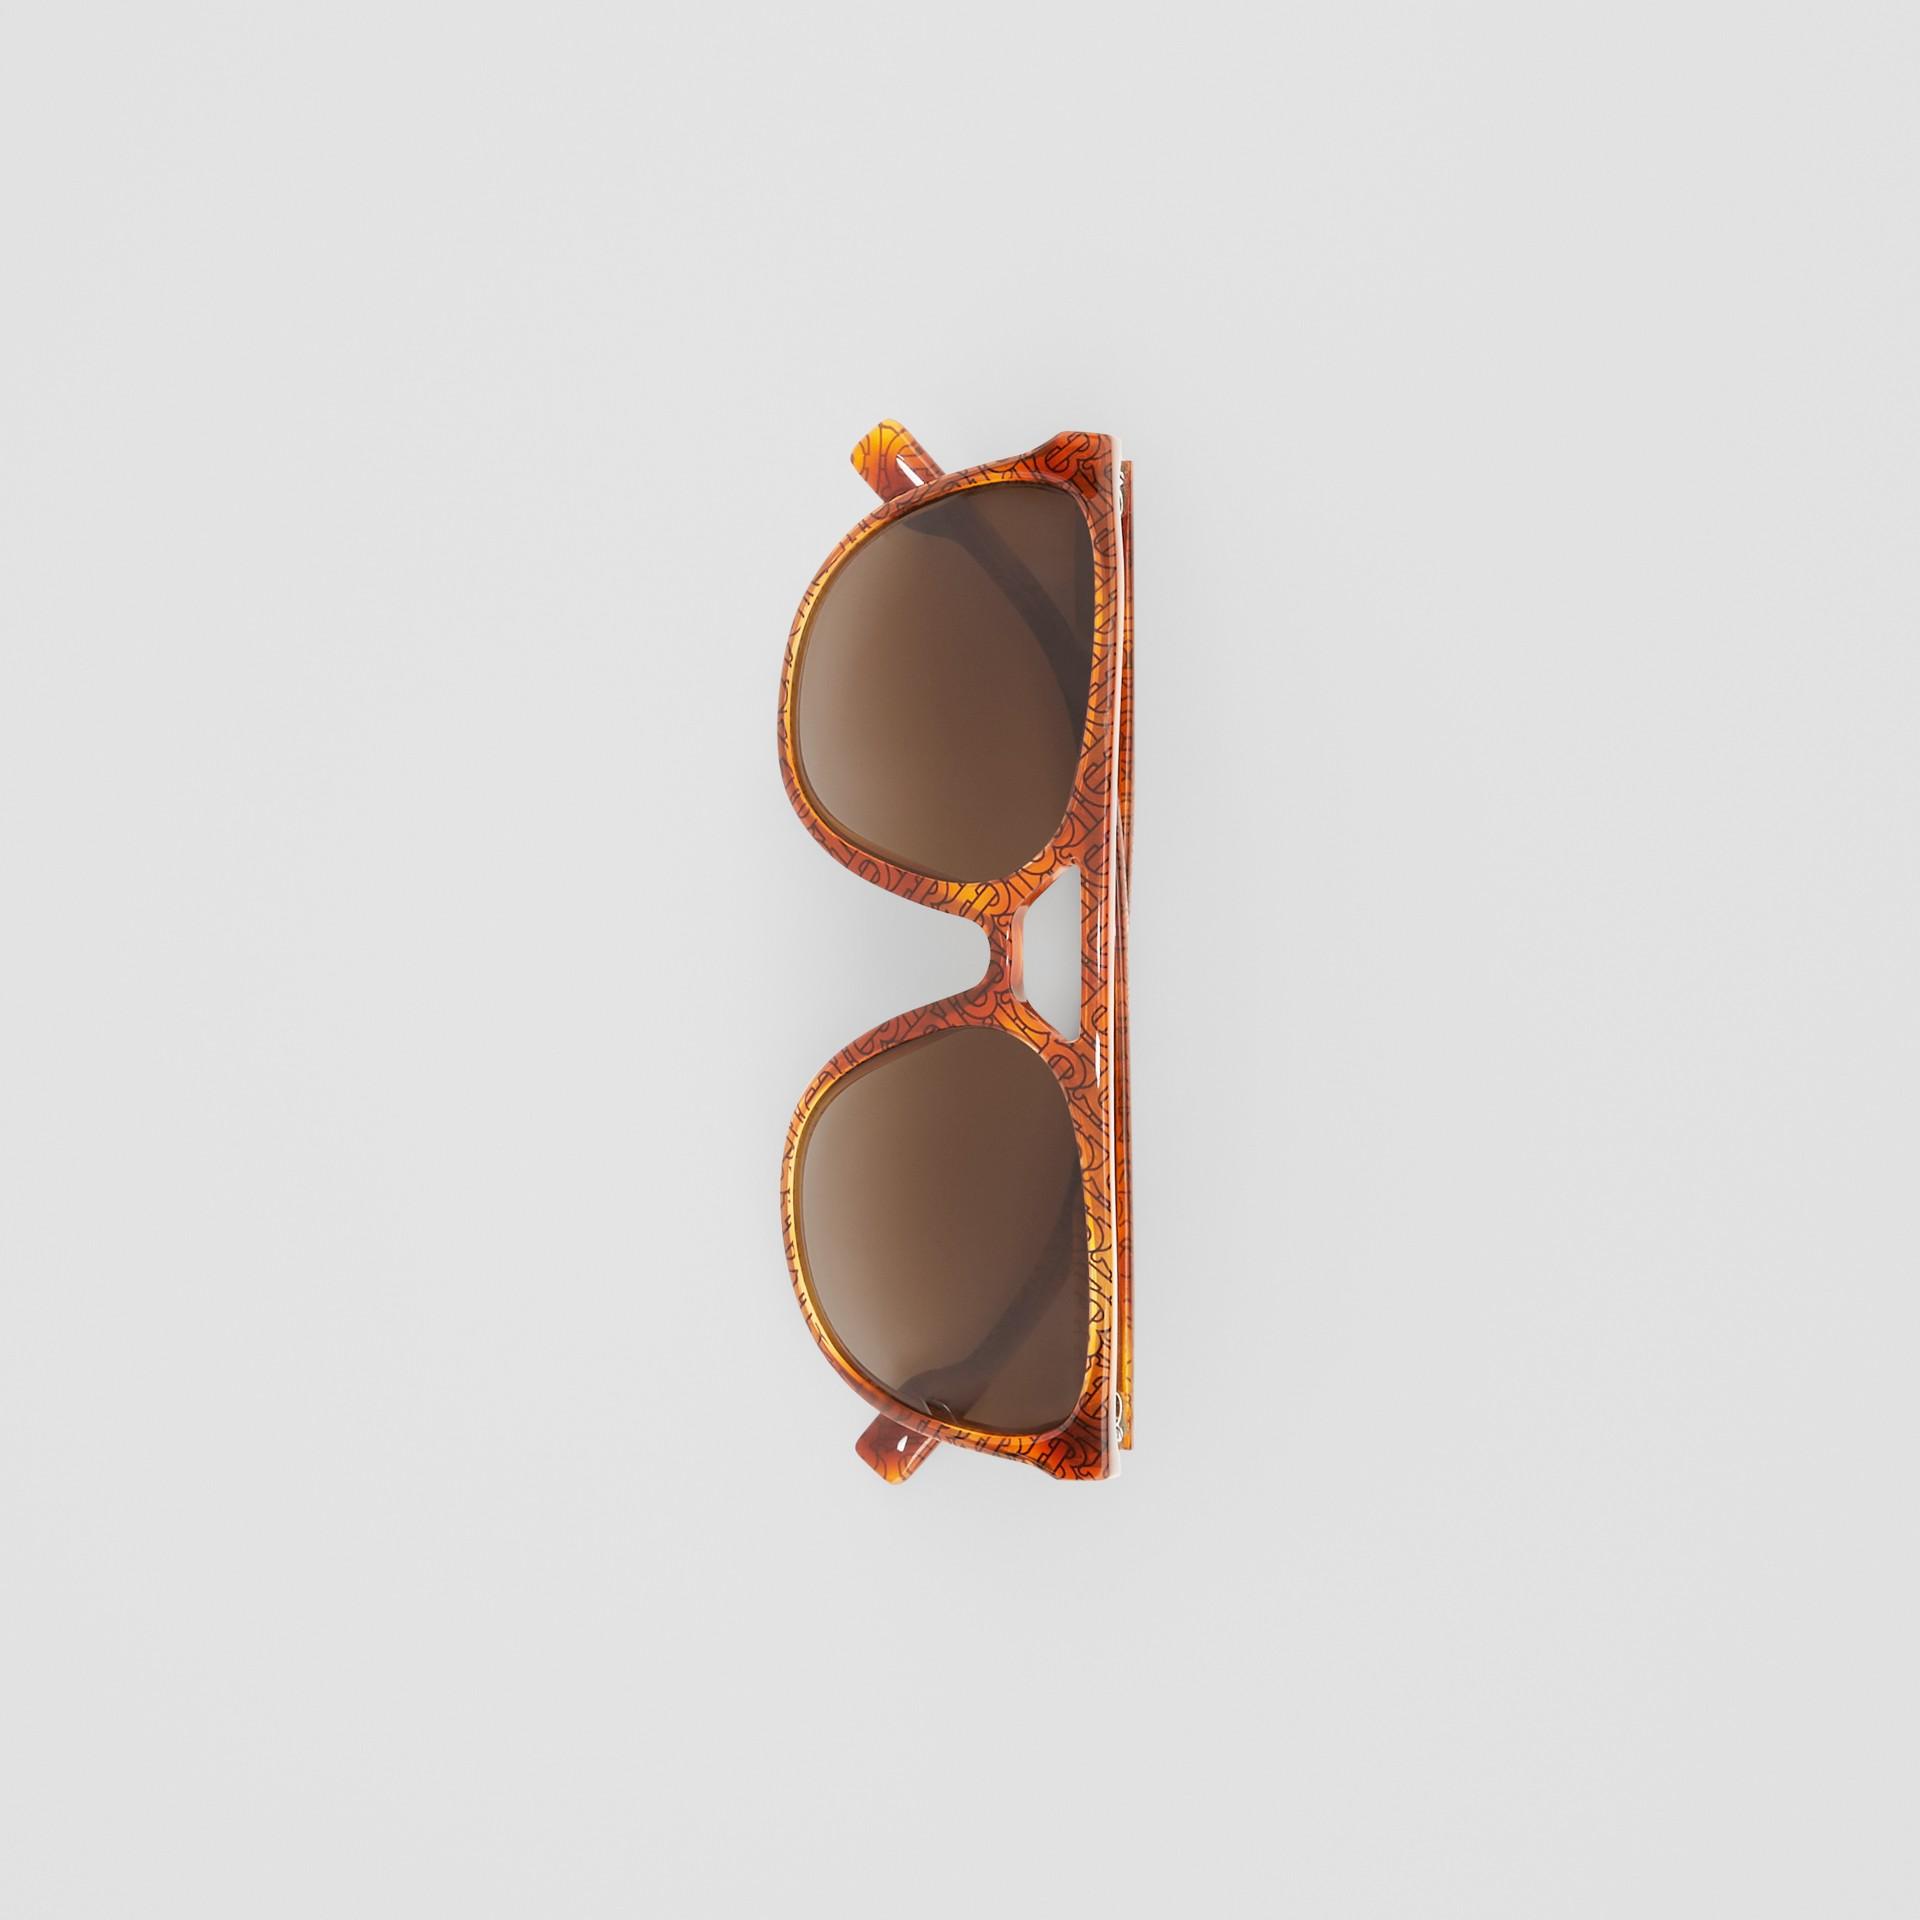 領航員太陽眼鏡 (玳瑁紋琥珀色) - 男款 | Burberry - 圖庫照片 3